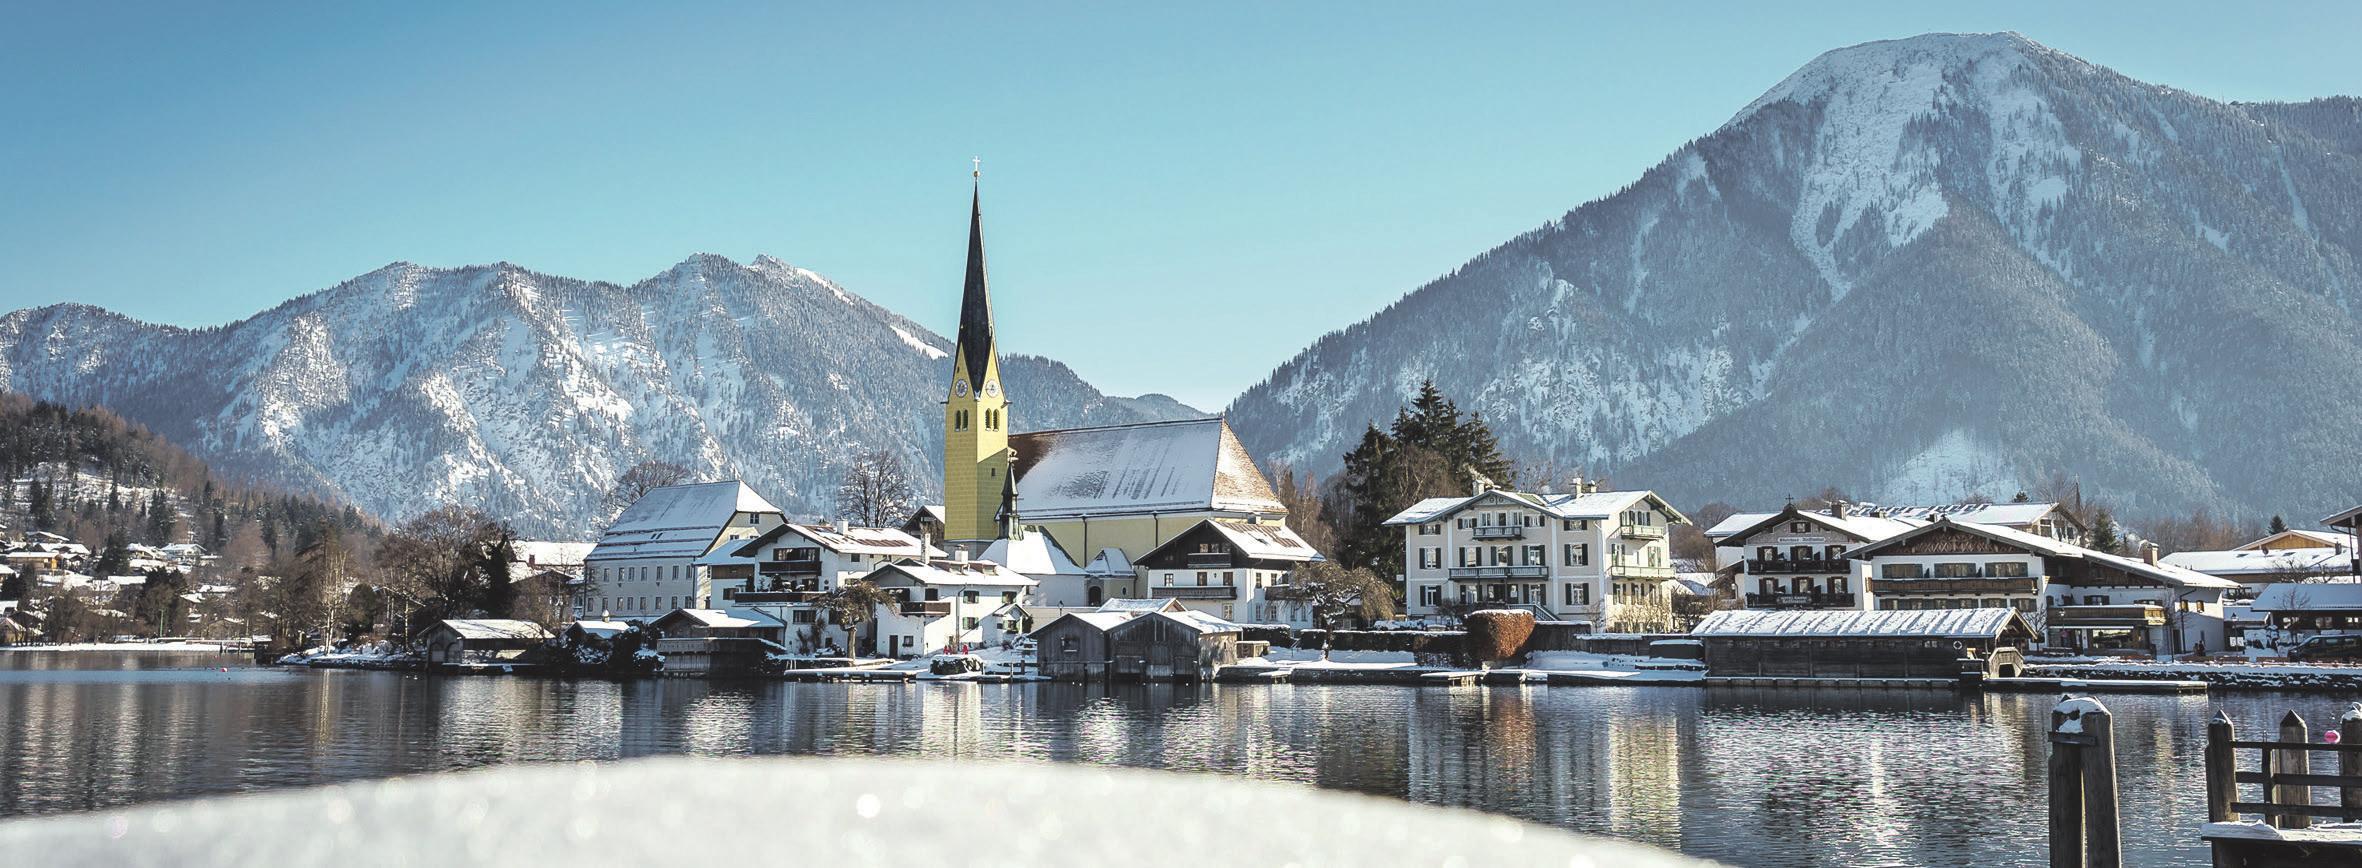 7 Traumwohnungen in einzigartigen Seeblick-Villen am Tegernsee Image 4